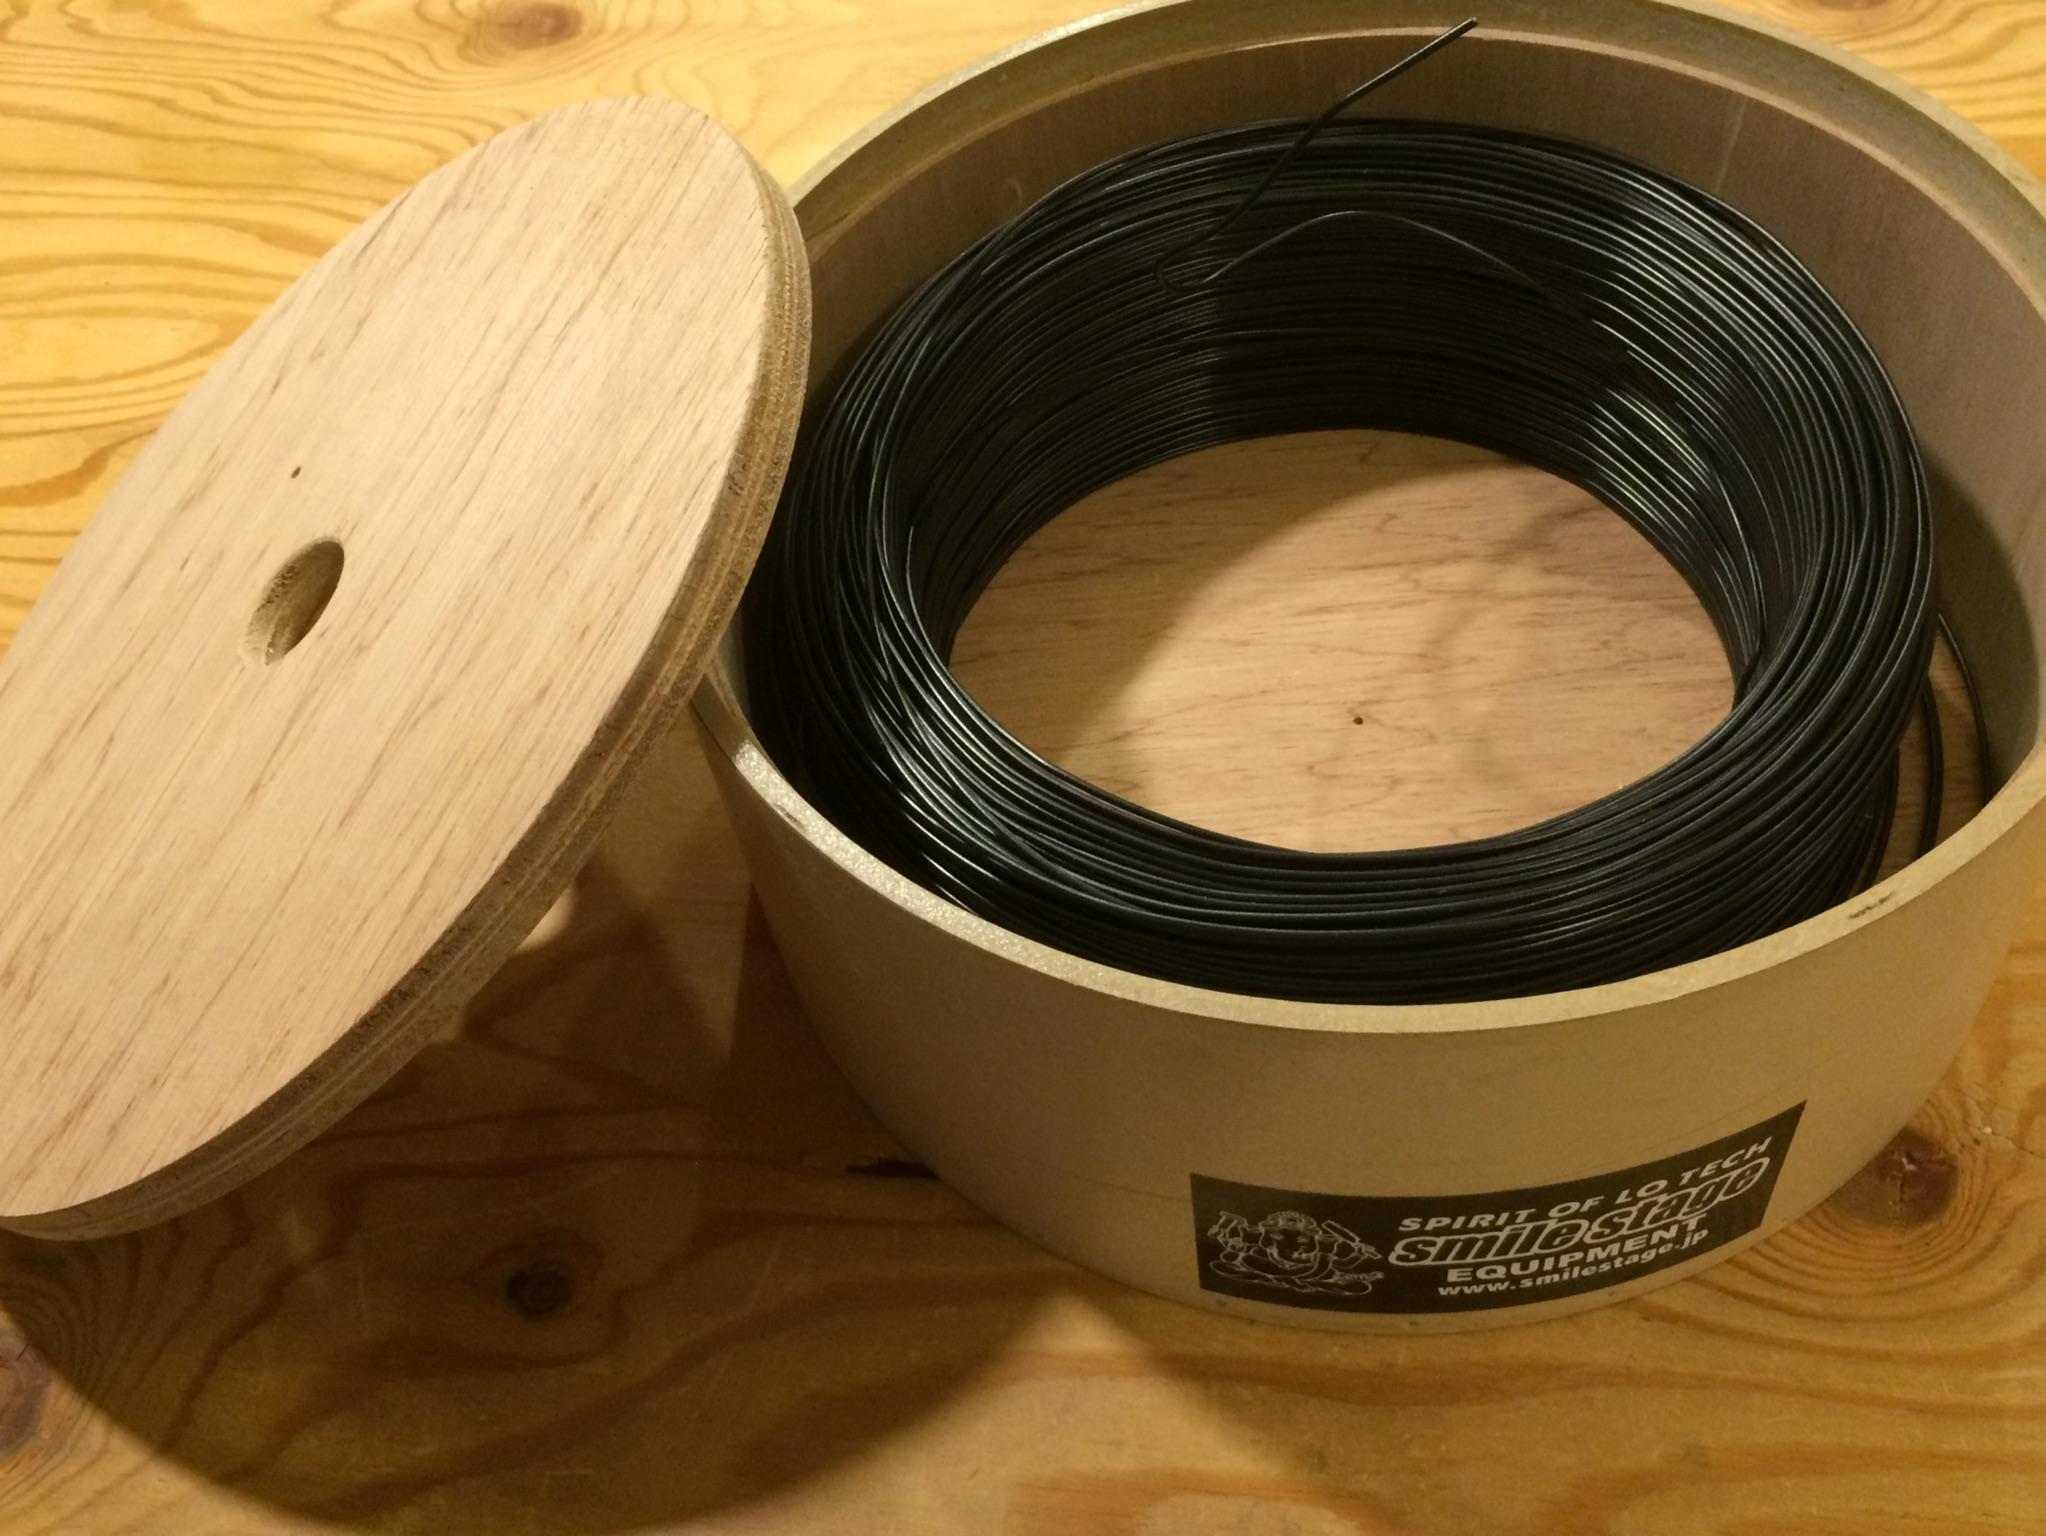 三重電線工業株式会社 ビニールバインド線 0.9mm 黒 長さ300m